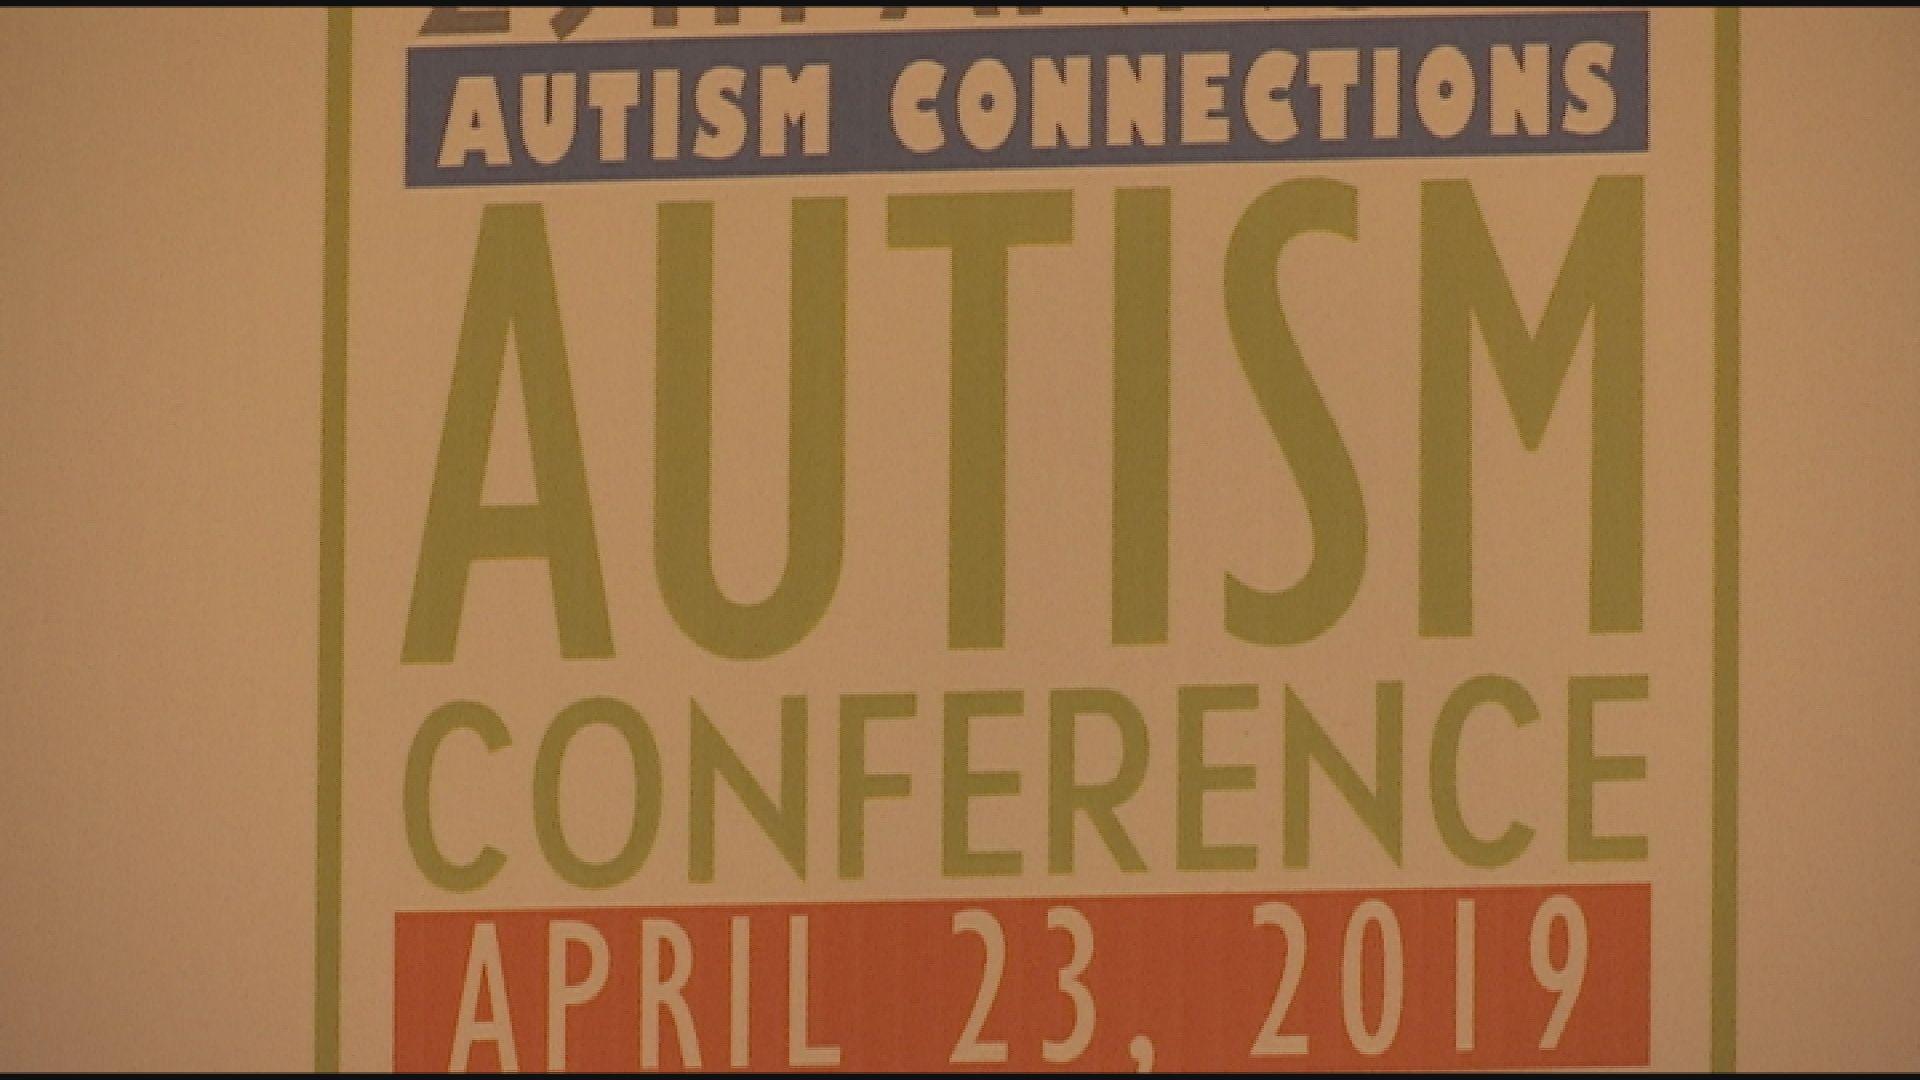 Austism connections_1556050998576.jpg.jpg